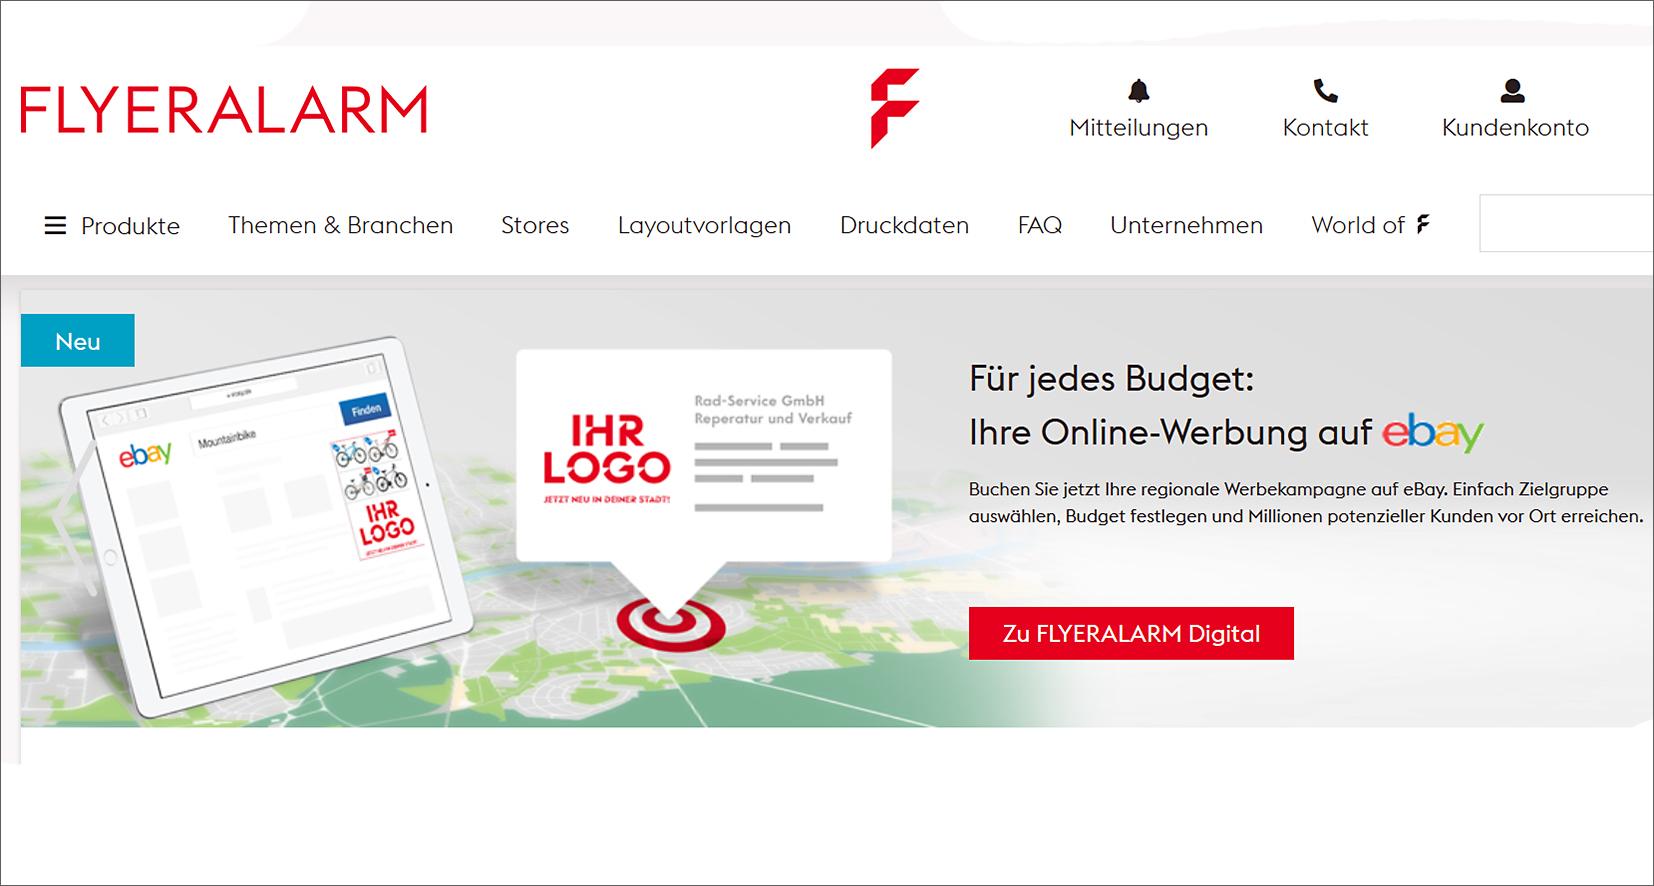 Flyeralarm: Onlineprinter macht gemeinsame Sache mit eBay